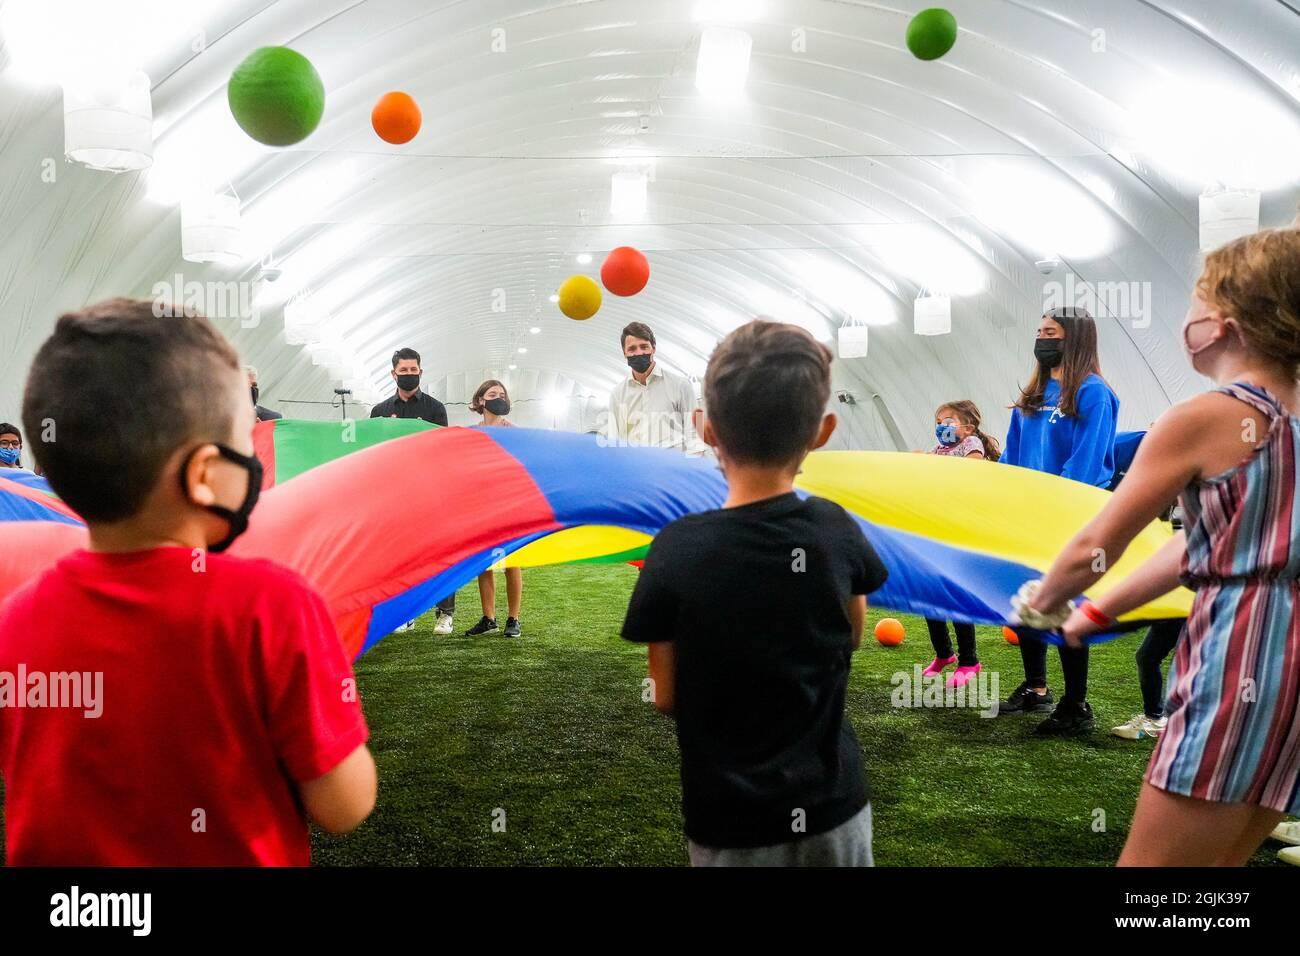 Il primo ministro canadese Justin Trudeau gioca un gioco con i bambini mentre visitano il mondo di calcio durante il suo giro della campagna elettorale a Hamilton, Ontario, Canada, 10 settembre 2021. REUTERS/Carlos Osorio Foto Stock